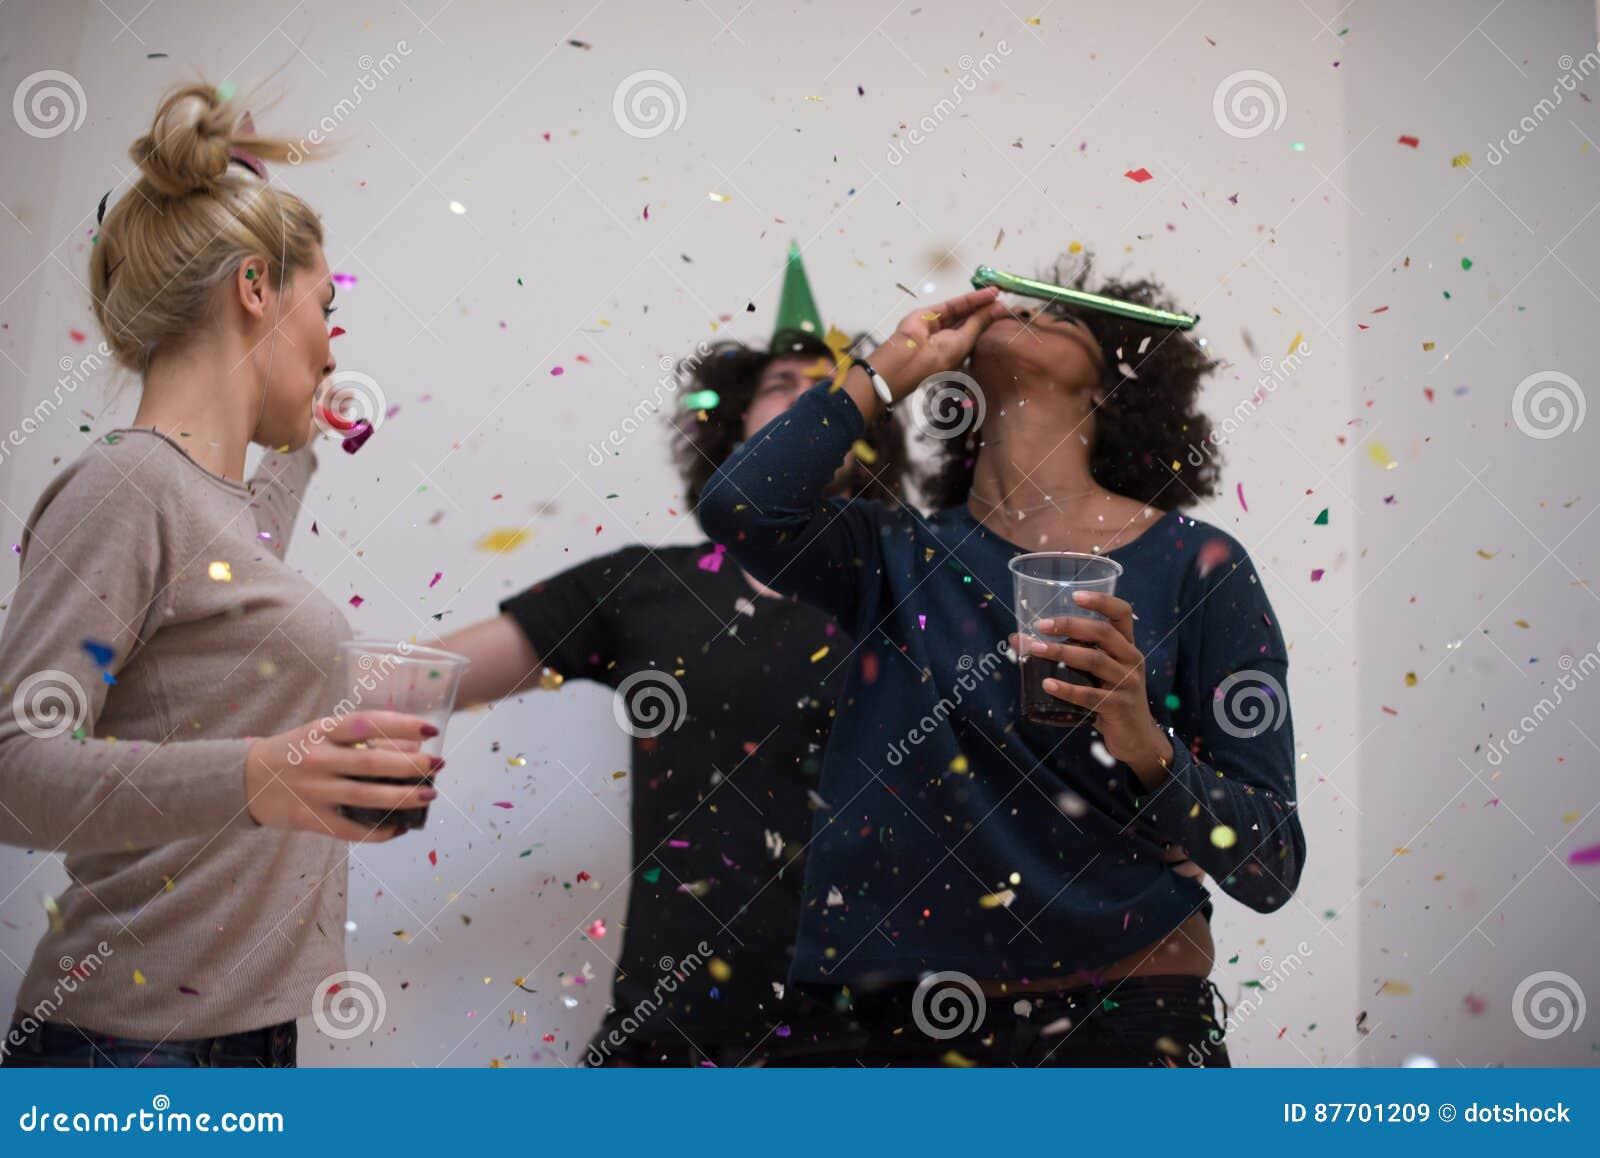 Les confettis font la fête le groupe de personnes multi-ethnique